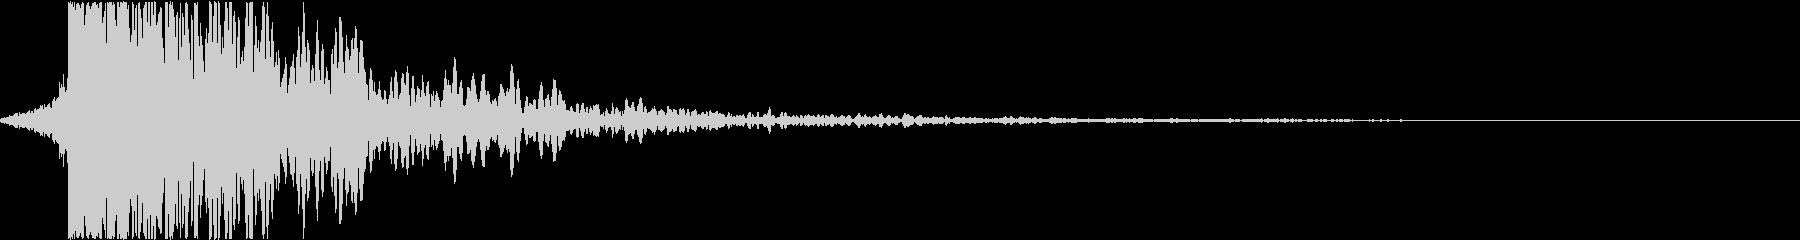 シネマチックなインパクト(衝撃)音の未再生の波形